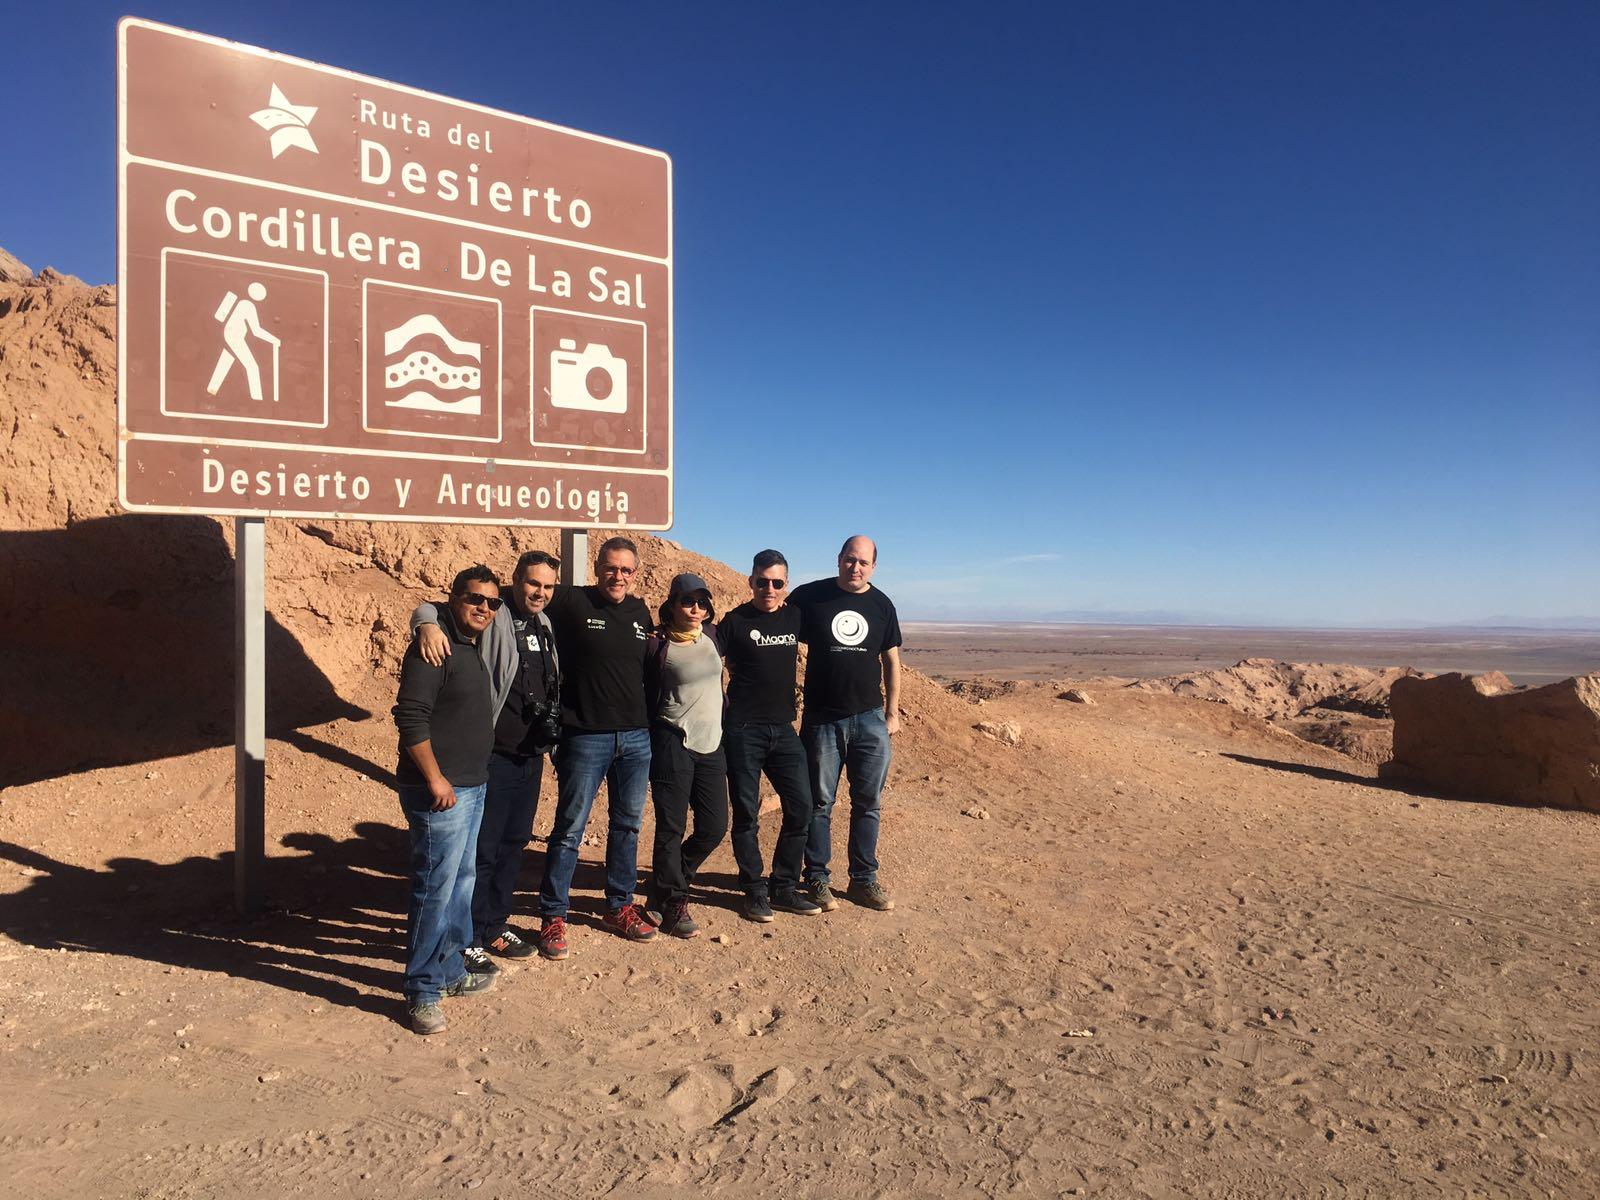 Fotografiando en el desierto de Atacama, Chile. 14